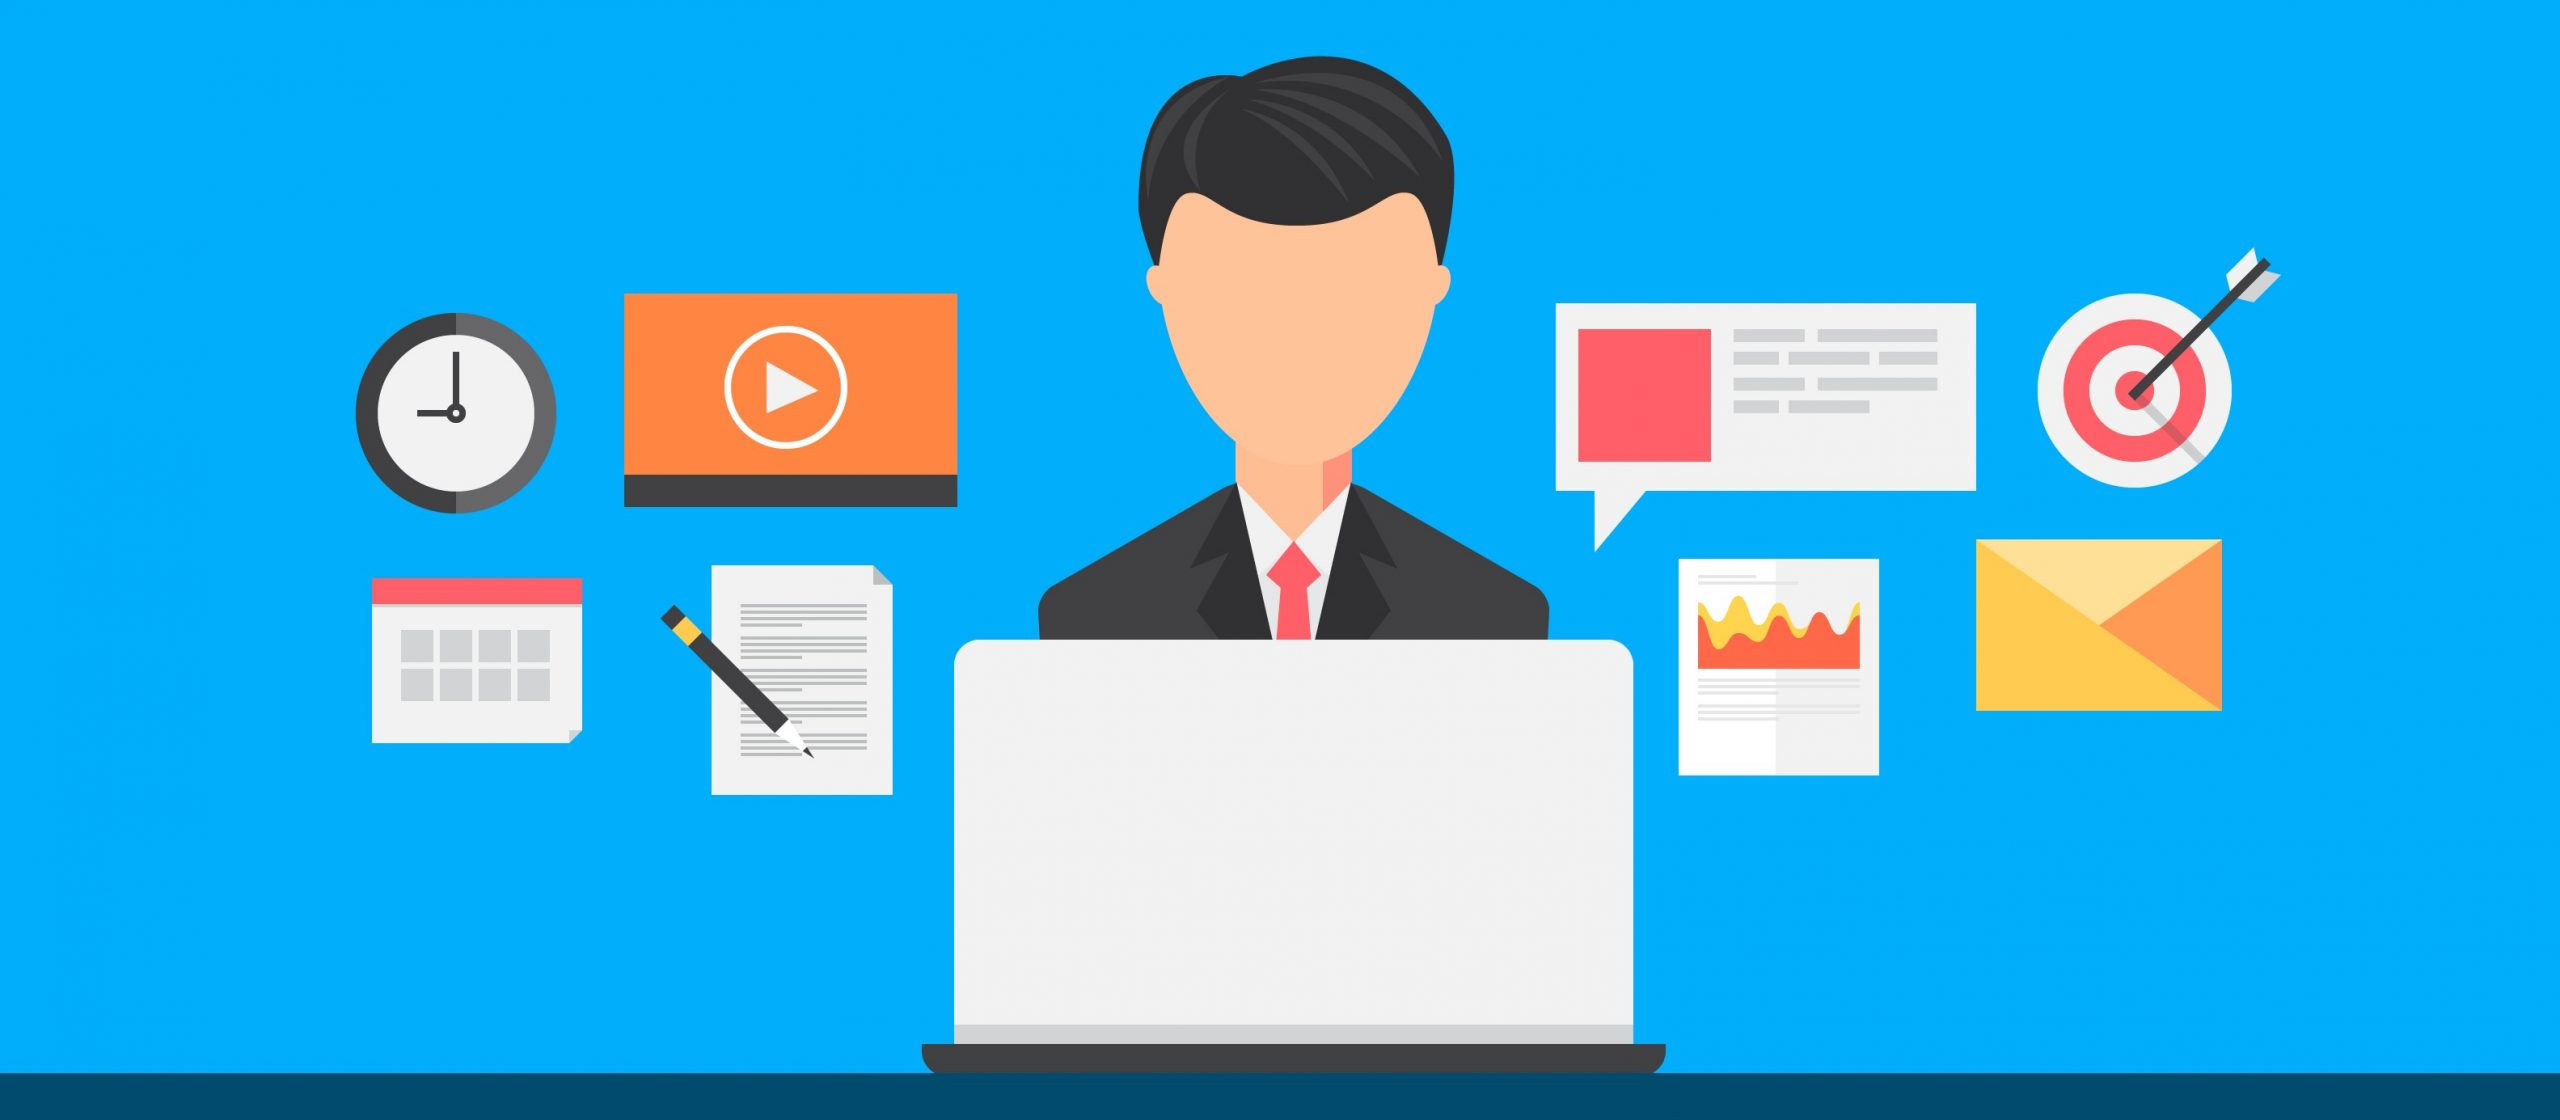 13 bons conseils pour prospecter et fidéliser + 4 outils pour vendre plus ! 1